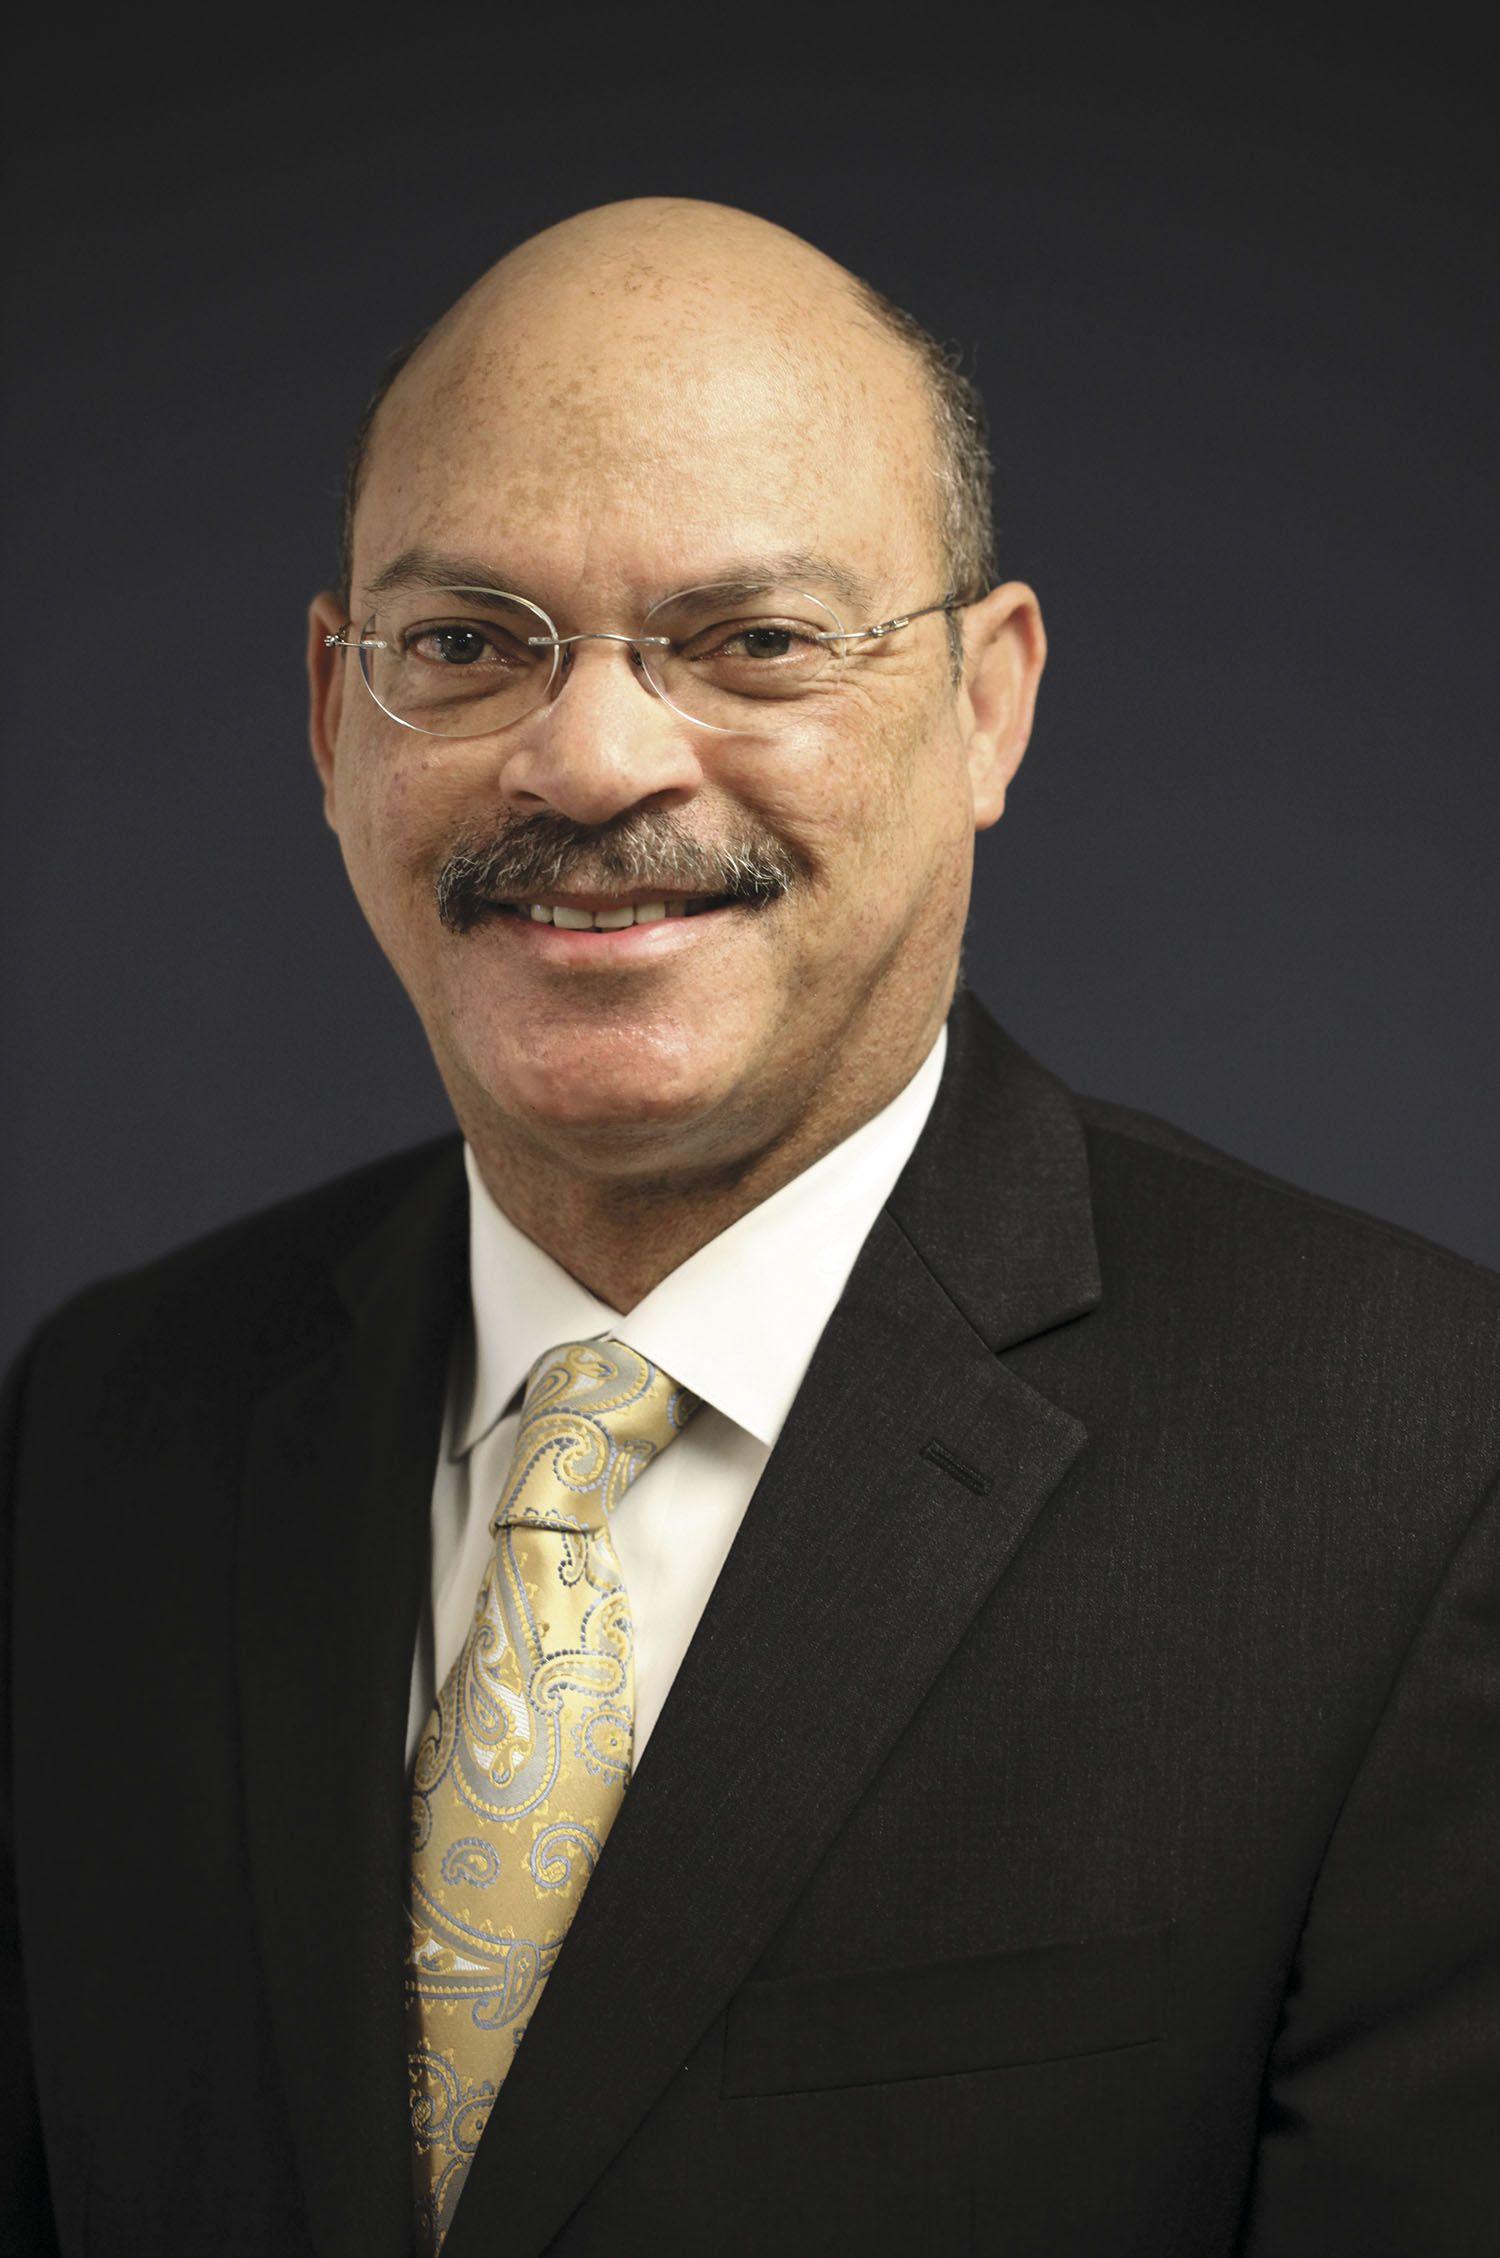 José Adames es el presidente de El Centro College, uno de siete planteles del distrito de colegios comunitarios del condado Dallas. (DCCCD)